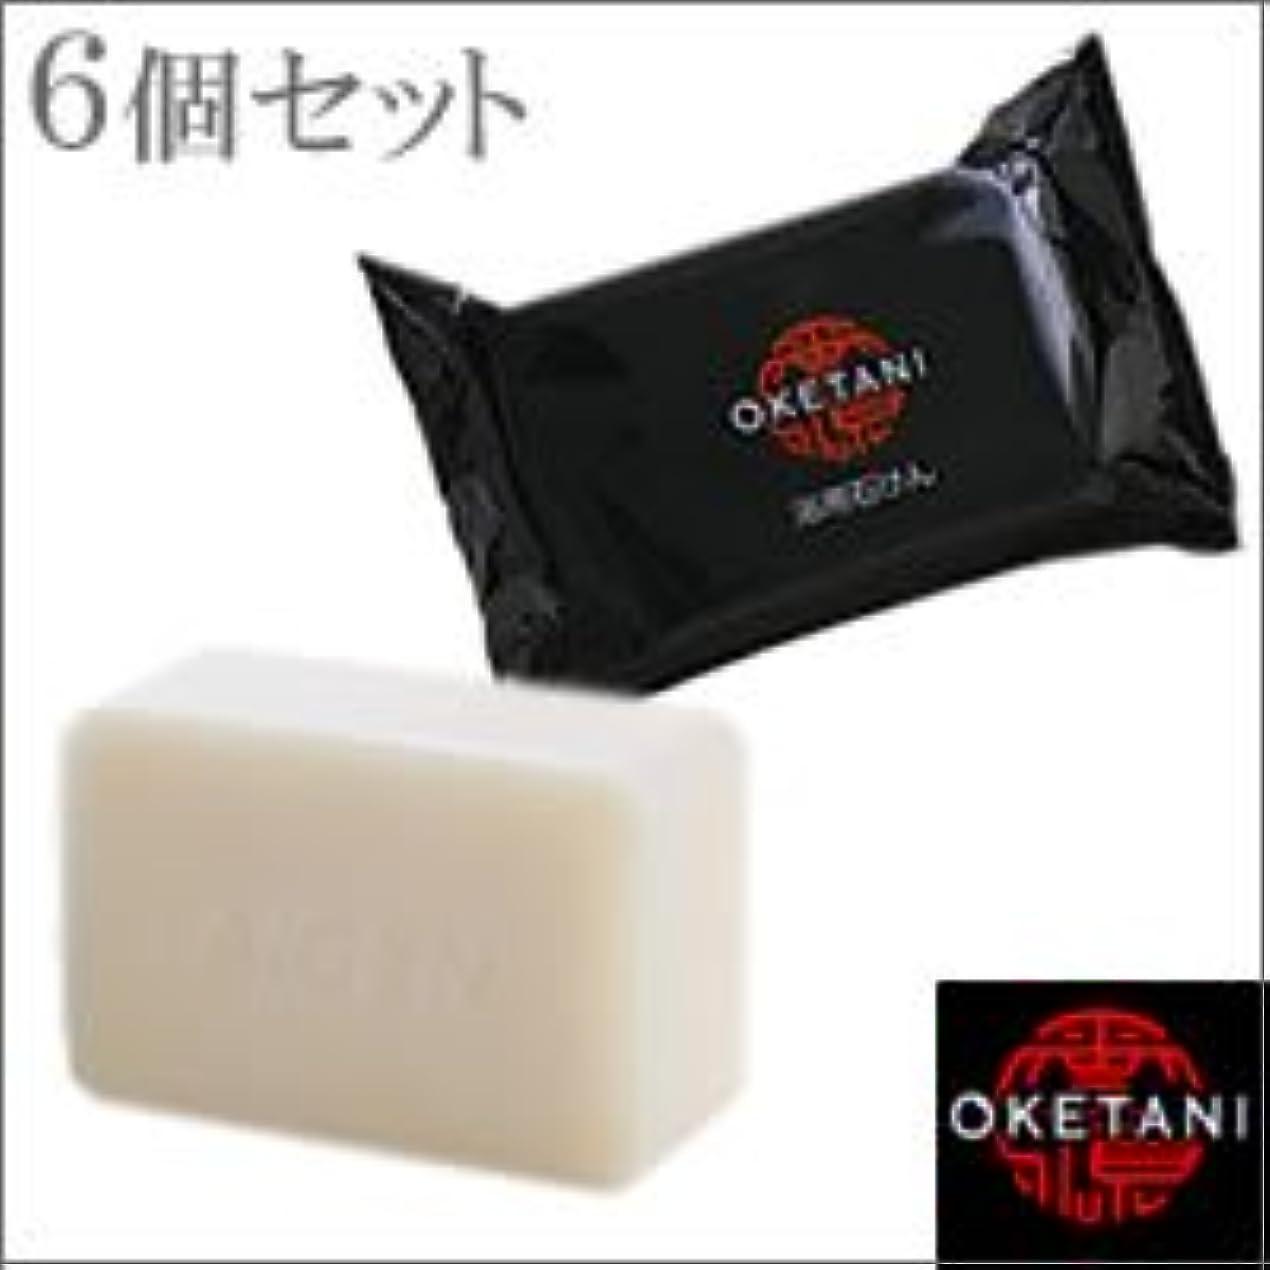 恋人オークション吸収するitem_name:桶谷石鹸 アイゲン 浴用石けん 120g×6個